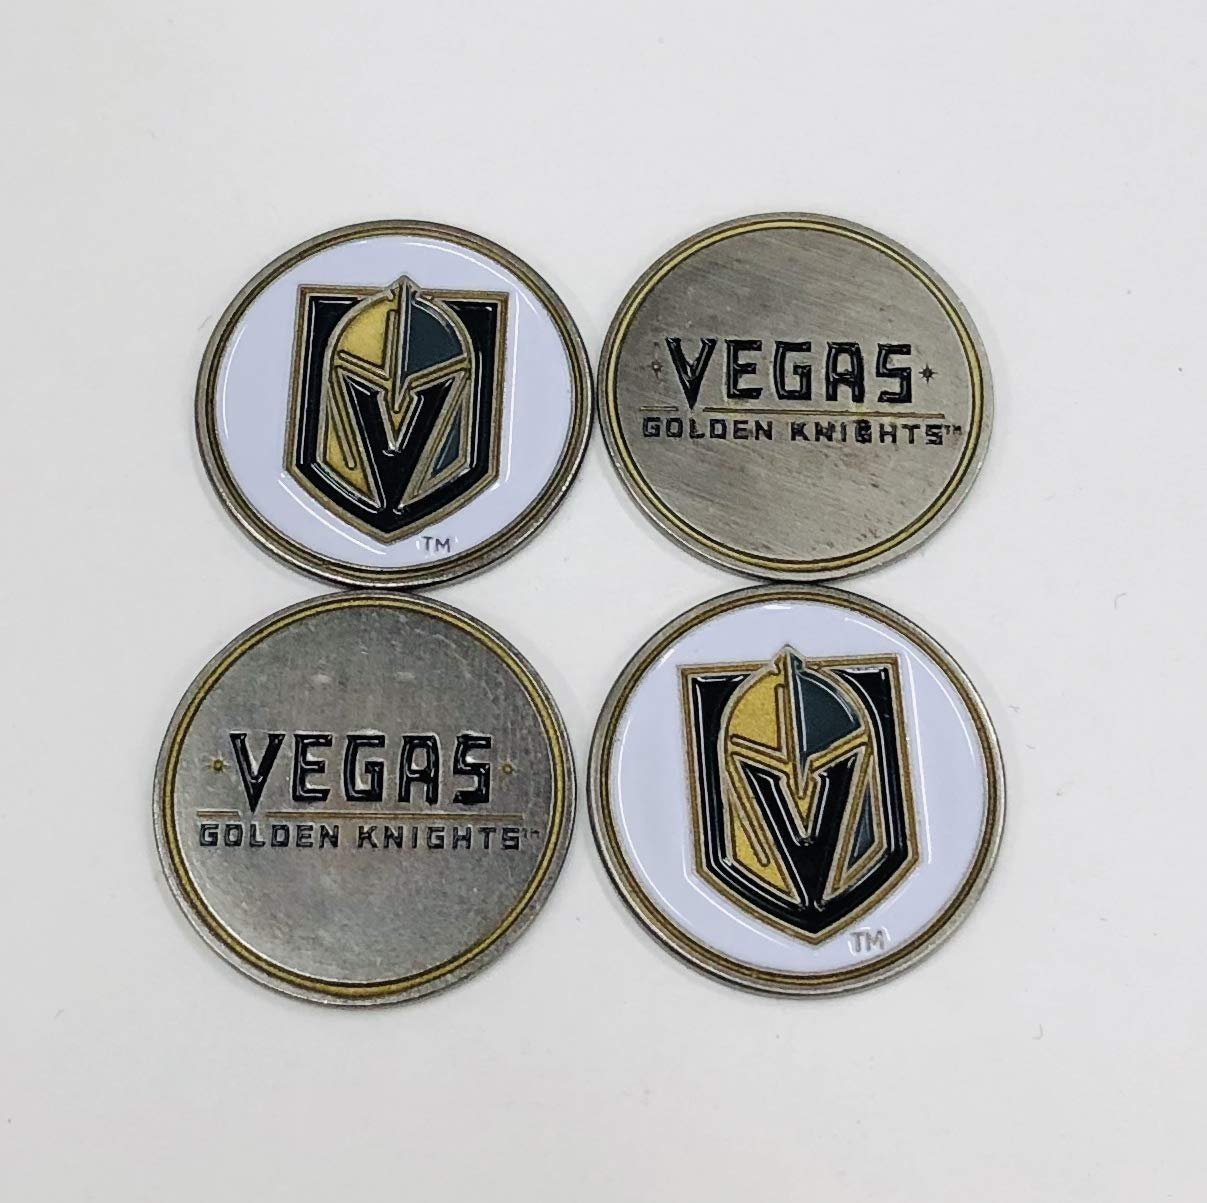 NHL ラスベガス ゴールデンナイツ ゴルフボールマーカー (4個入り)   B07P1YNTNL